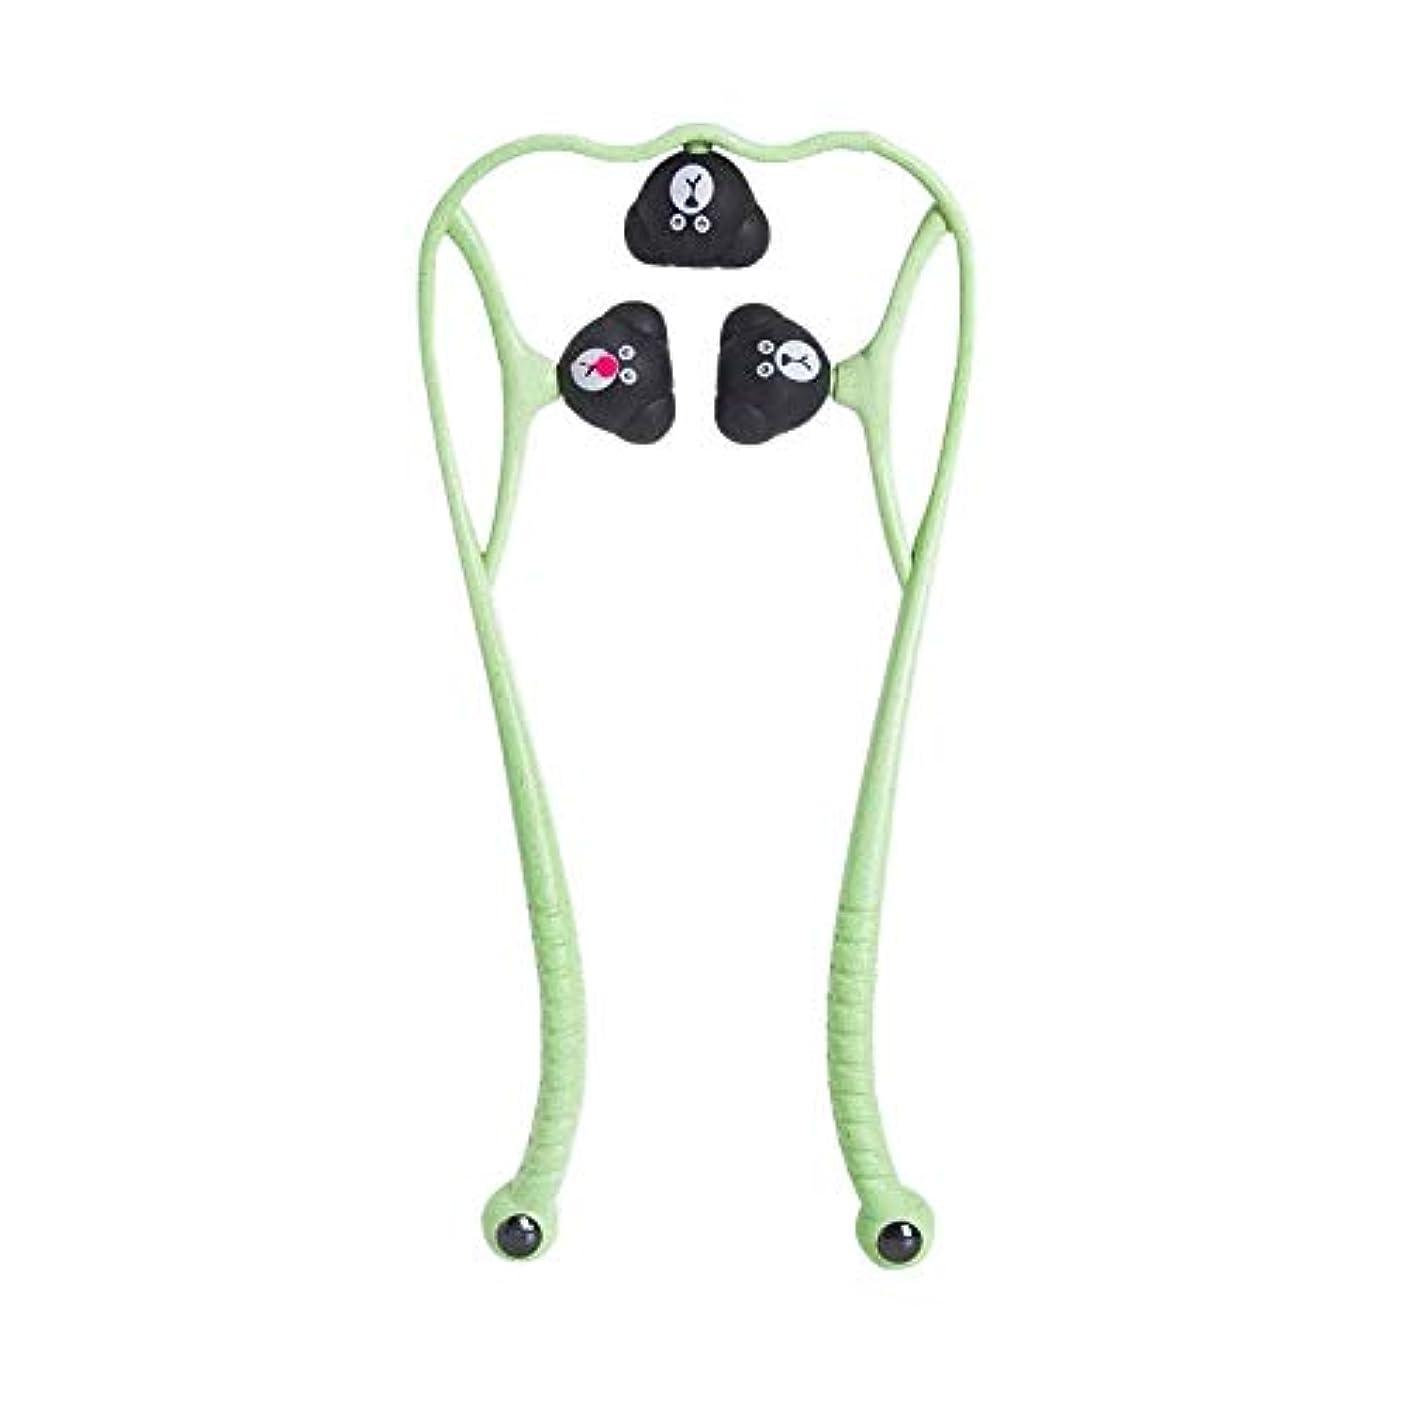 共感する欲望潮手動頚椎マッサージ器肩頸マッサージボールの痛み解消用品